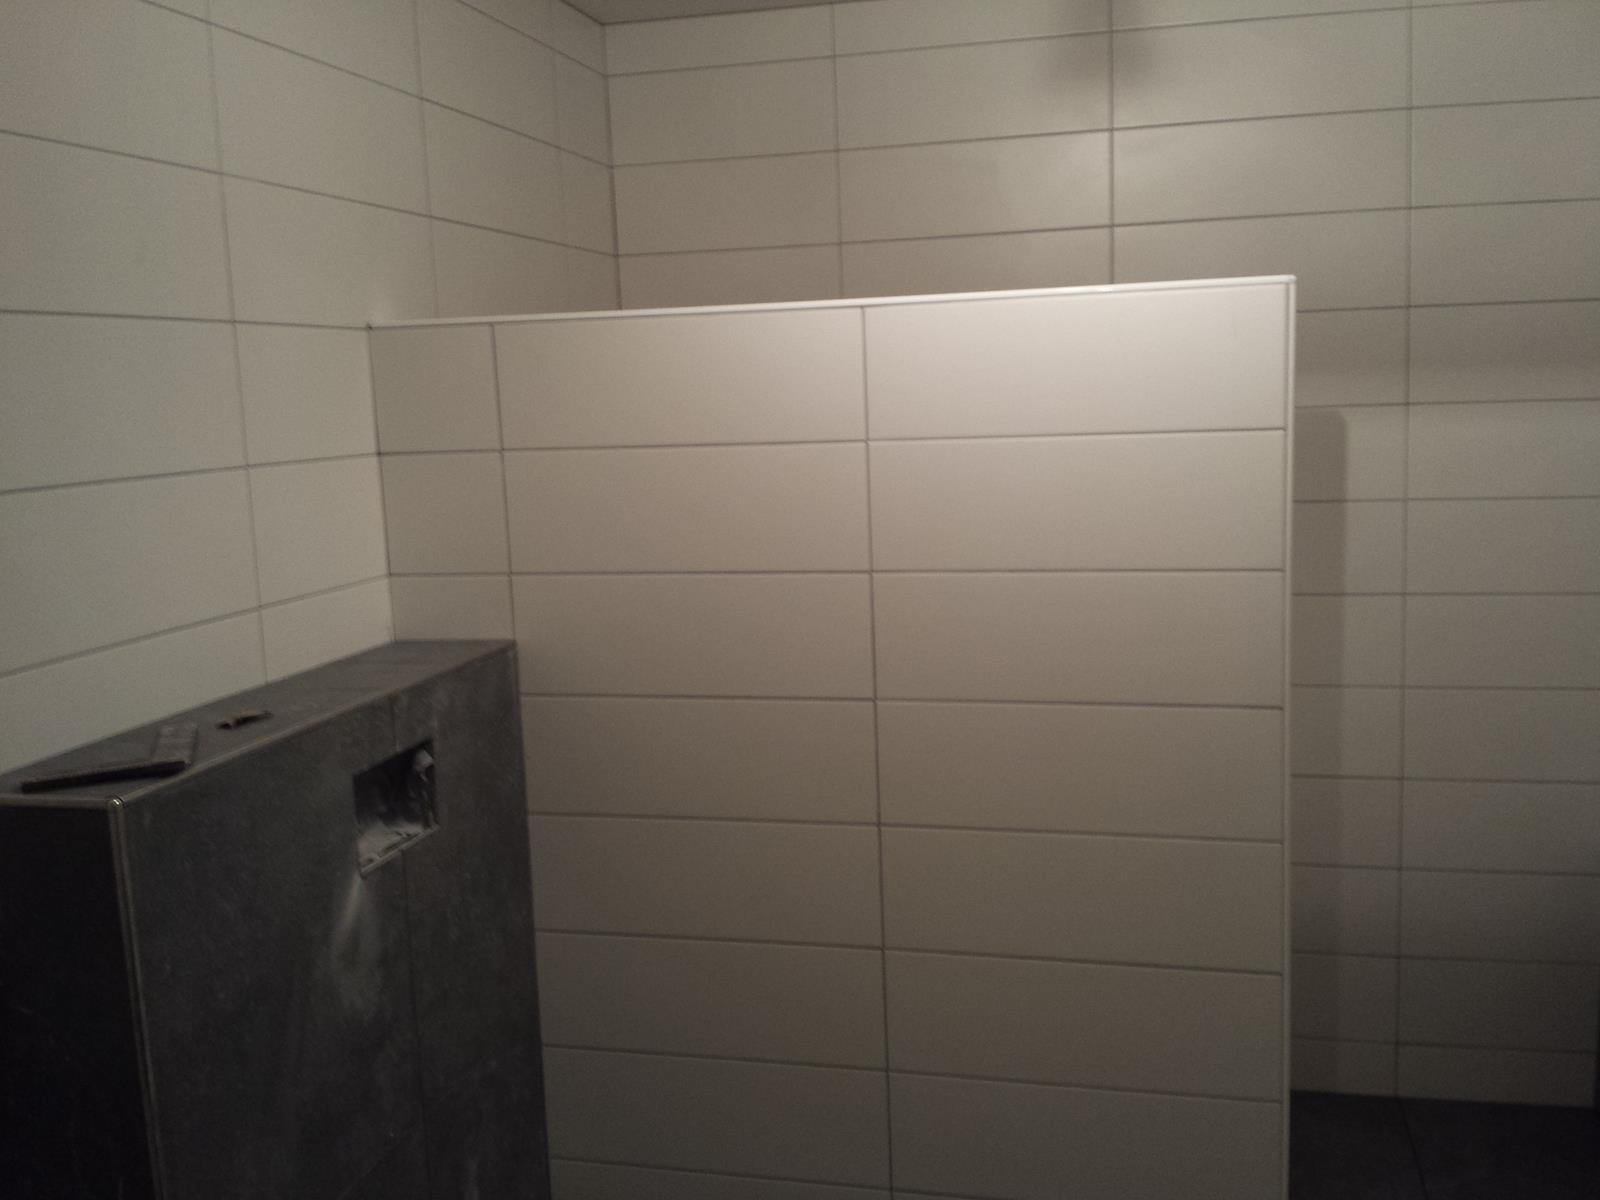 Keuken Betegelen Kosten : Bekijk meer voorbeelden van tegelwerk: tegelvloeren ? badkamer